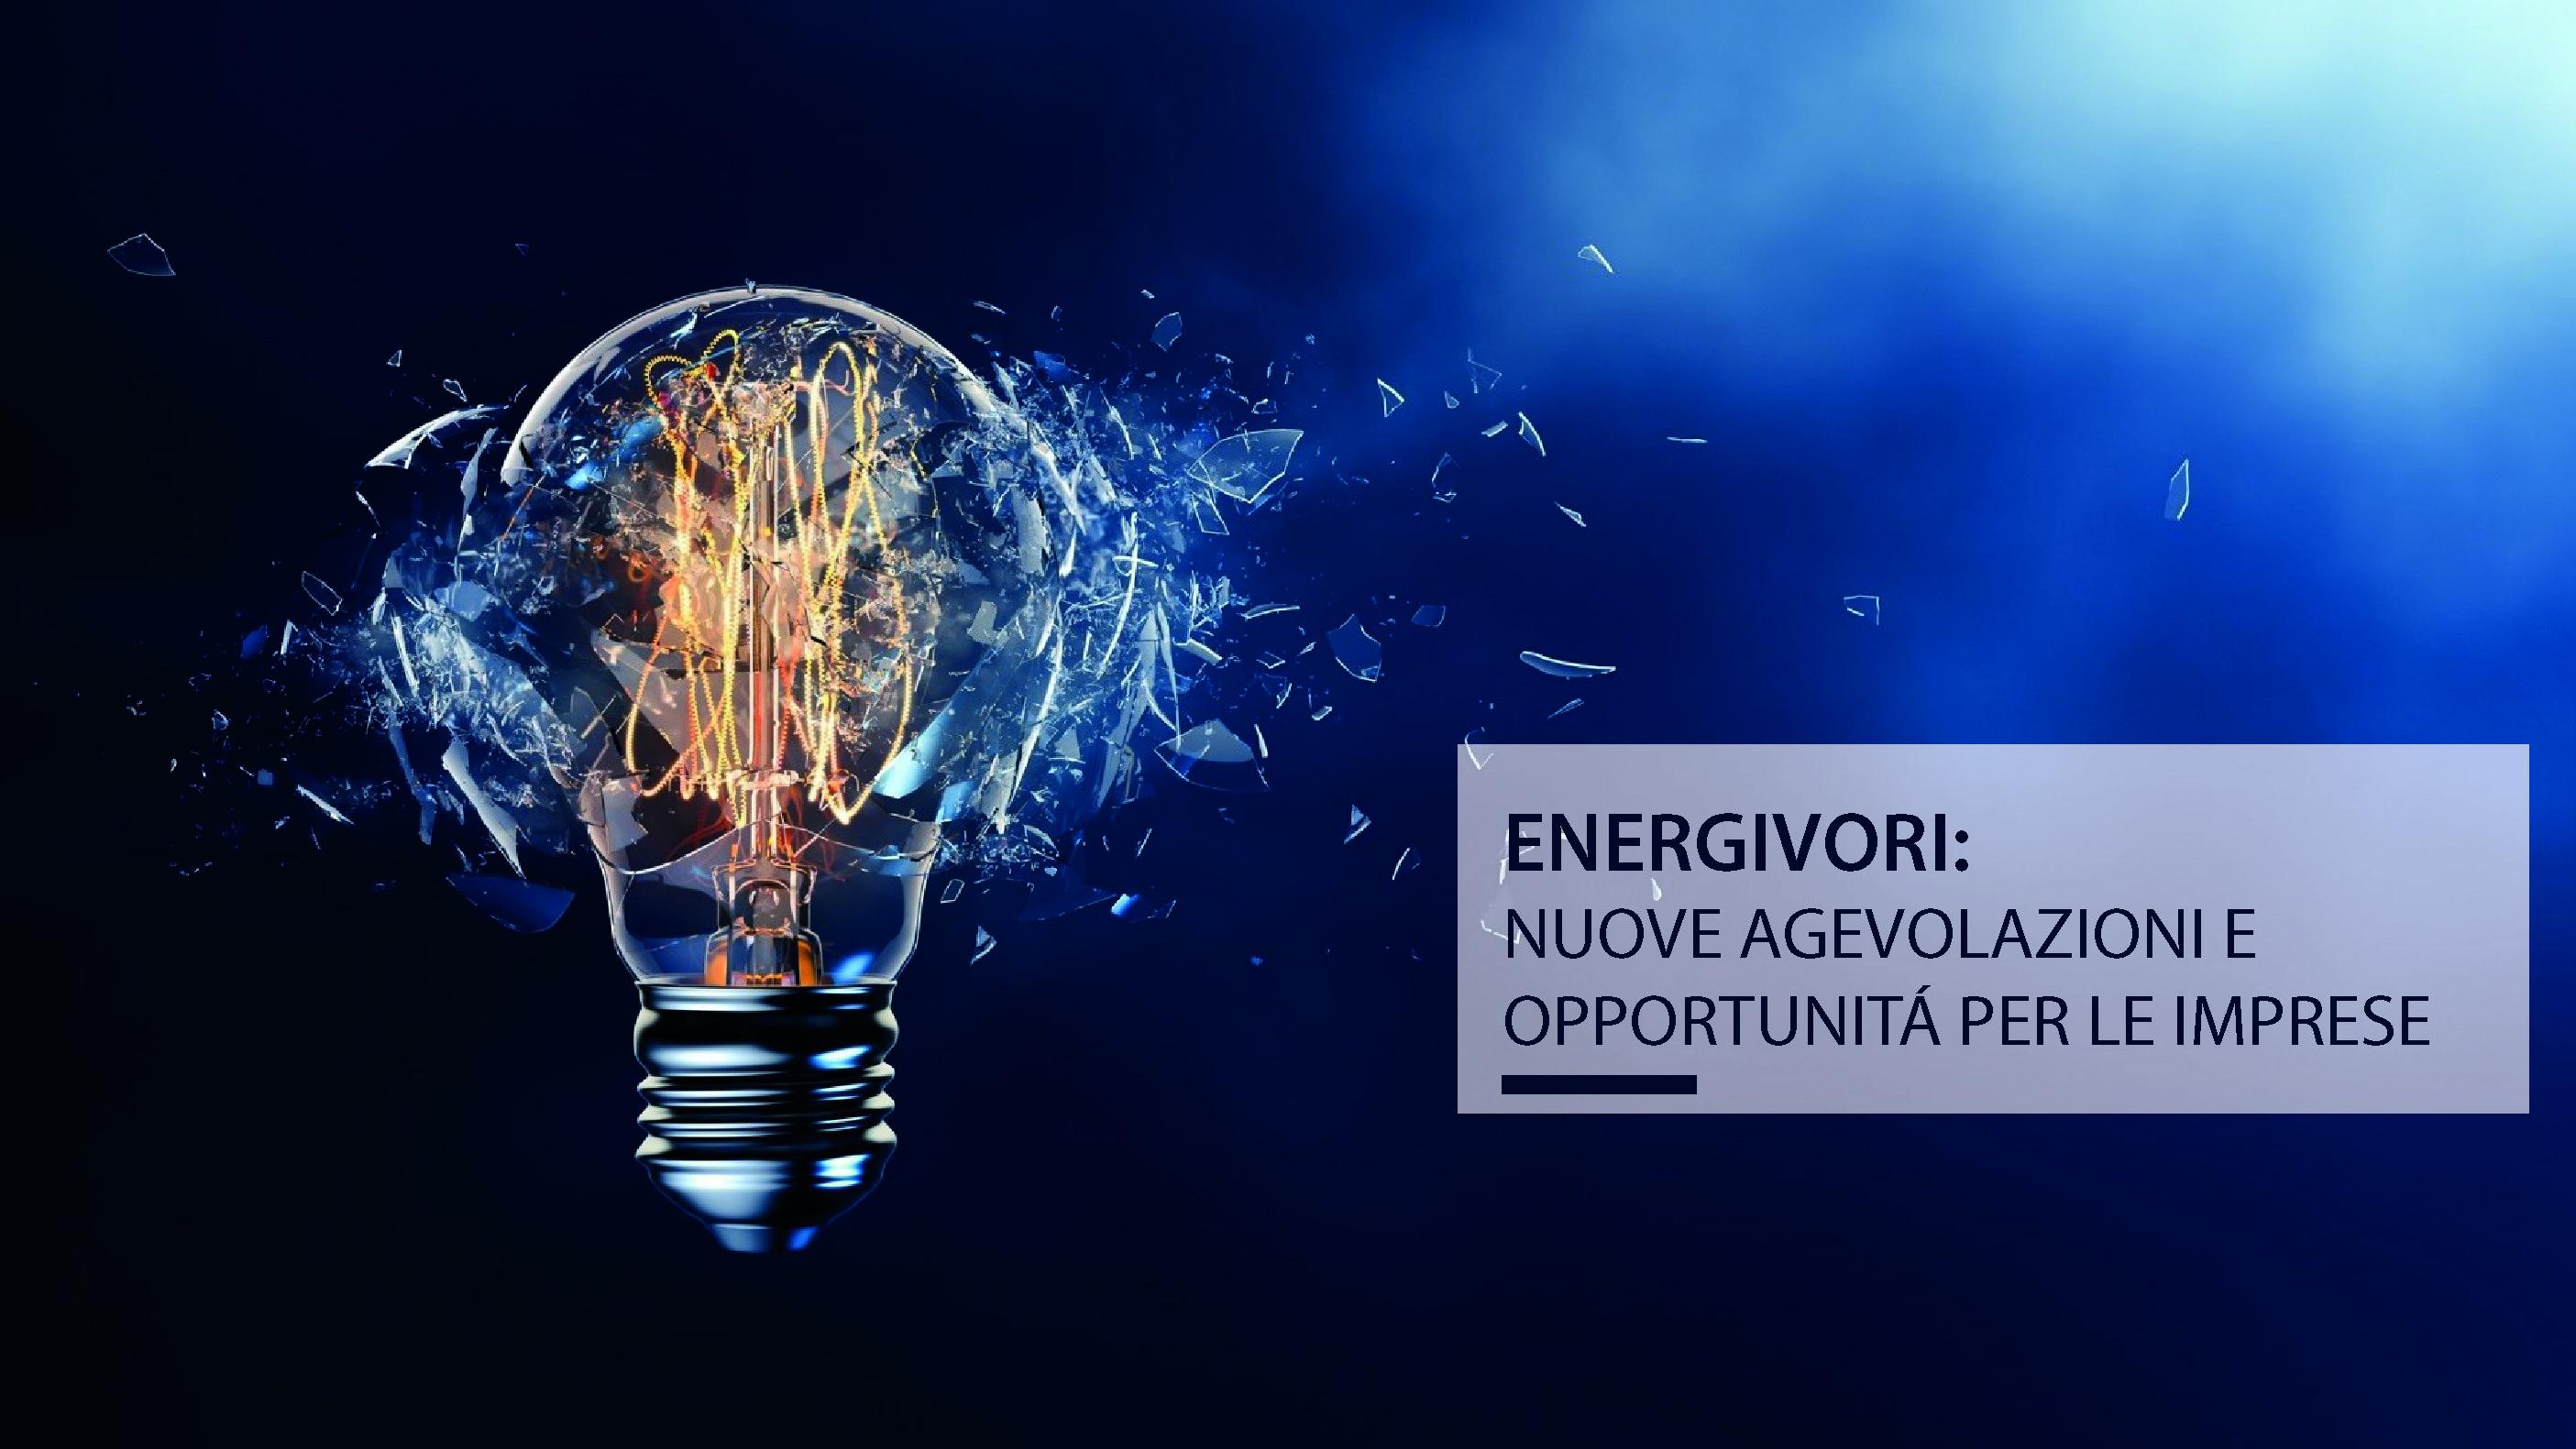 Energivori: Prorogato al 09.07 p.v. il termine ultimo per le dichiarazioni